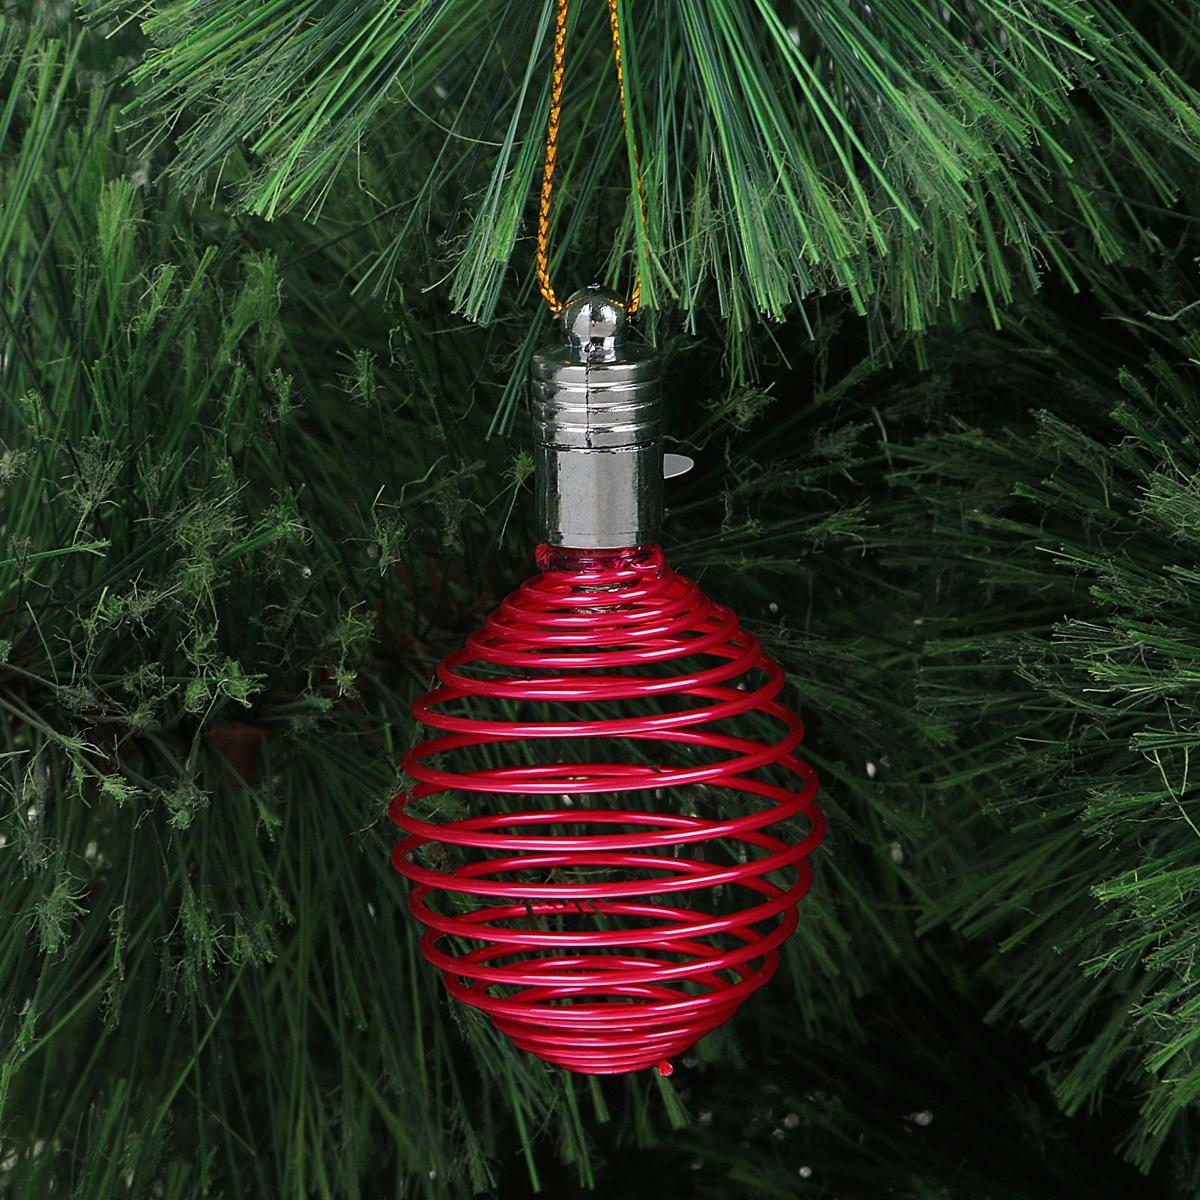 Украшение новогоднее подвесное Luazon Lighting Пружинка, световое, цвет: фуксия, 7 см2327177Световая новогодняя подвеска Luazon Lighting выполнена из металла в виде пружинки. Елочное украшение выглядит как простая елочная игрушка днем, но при этом остается видимой вечером. Просто включите изделие с наступлением темноты, и оно украсит елку огоньками. Подвеска Luazon Lighting работает от батареек (входят в комплект) и пожаробезопасна, так как светодиоды не нагреваются, в отличие от ламп накаливания.